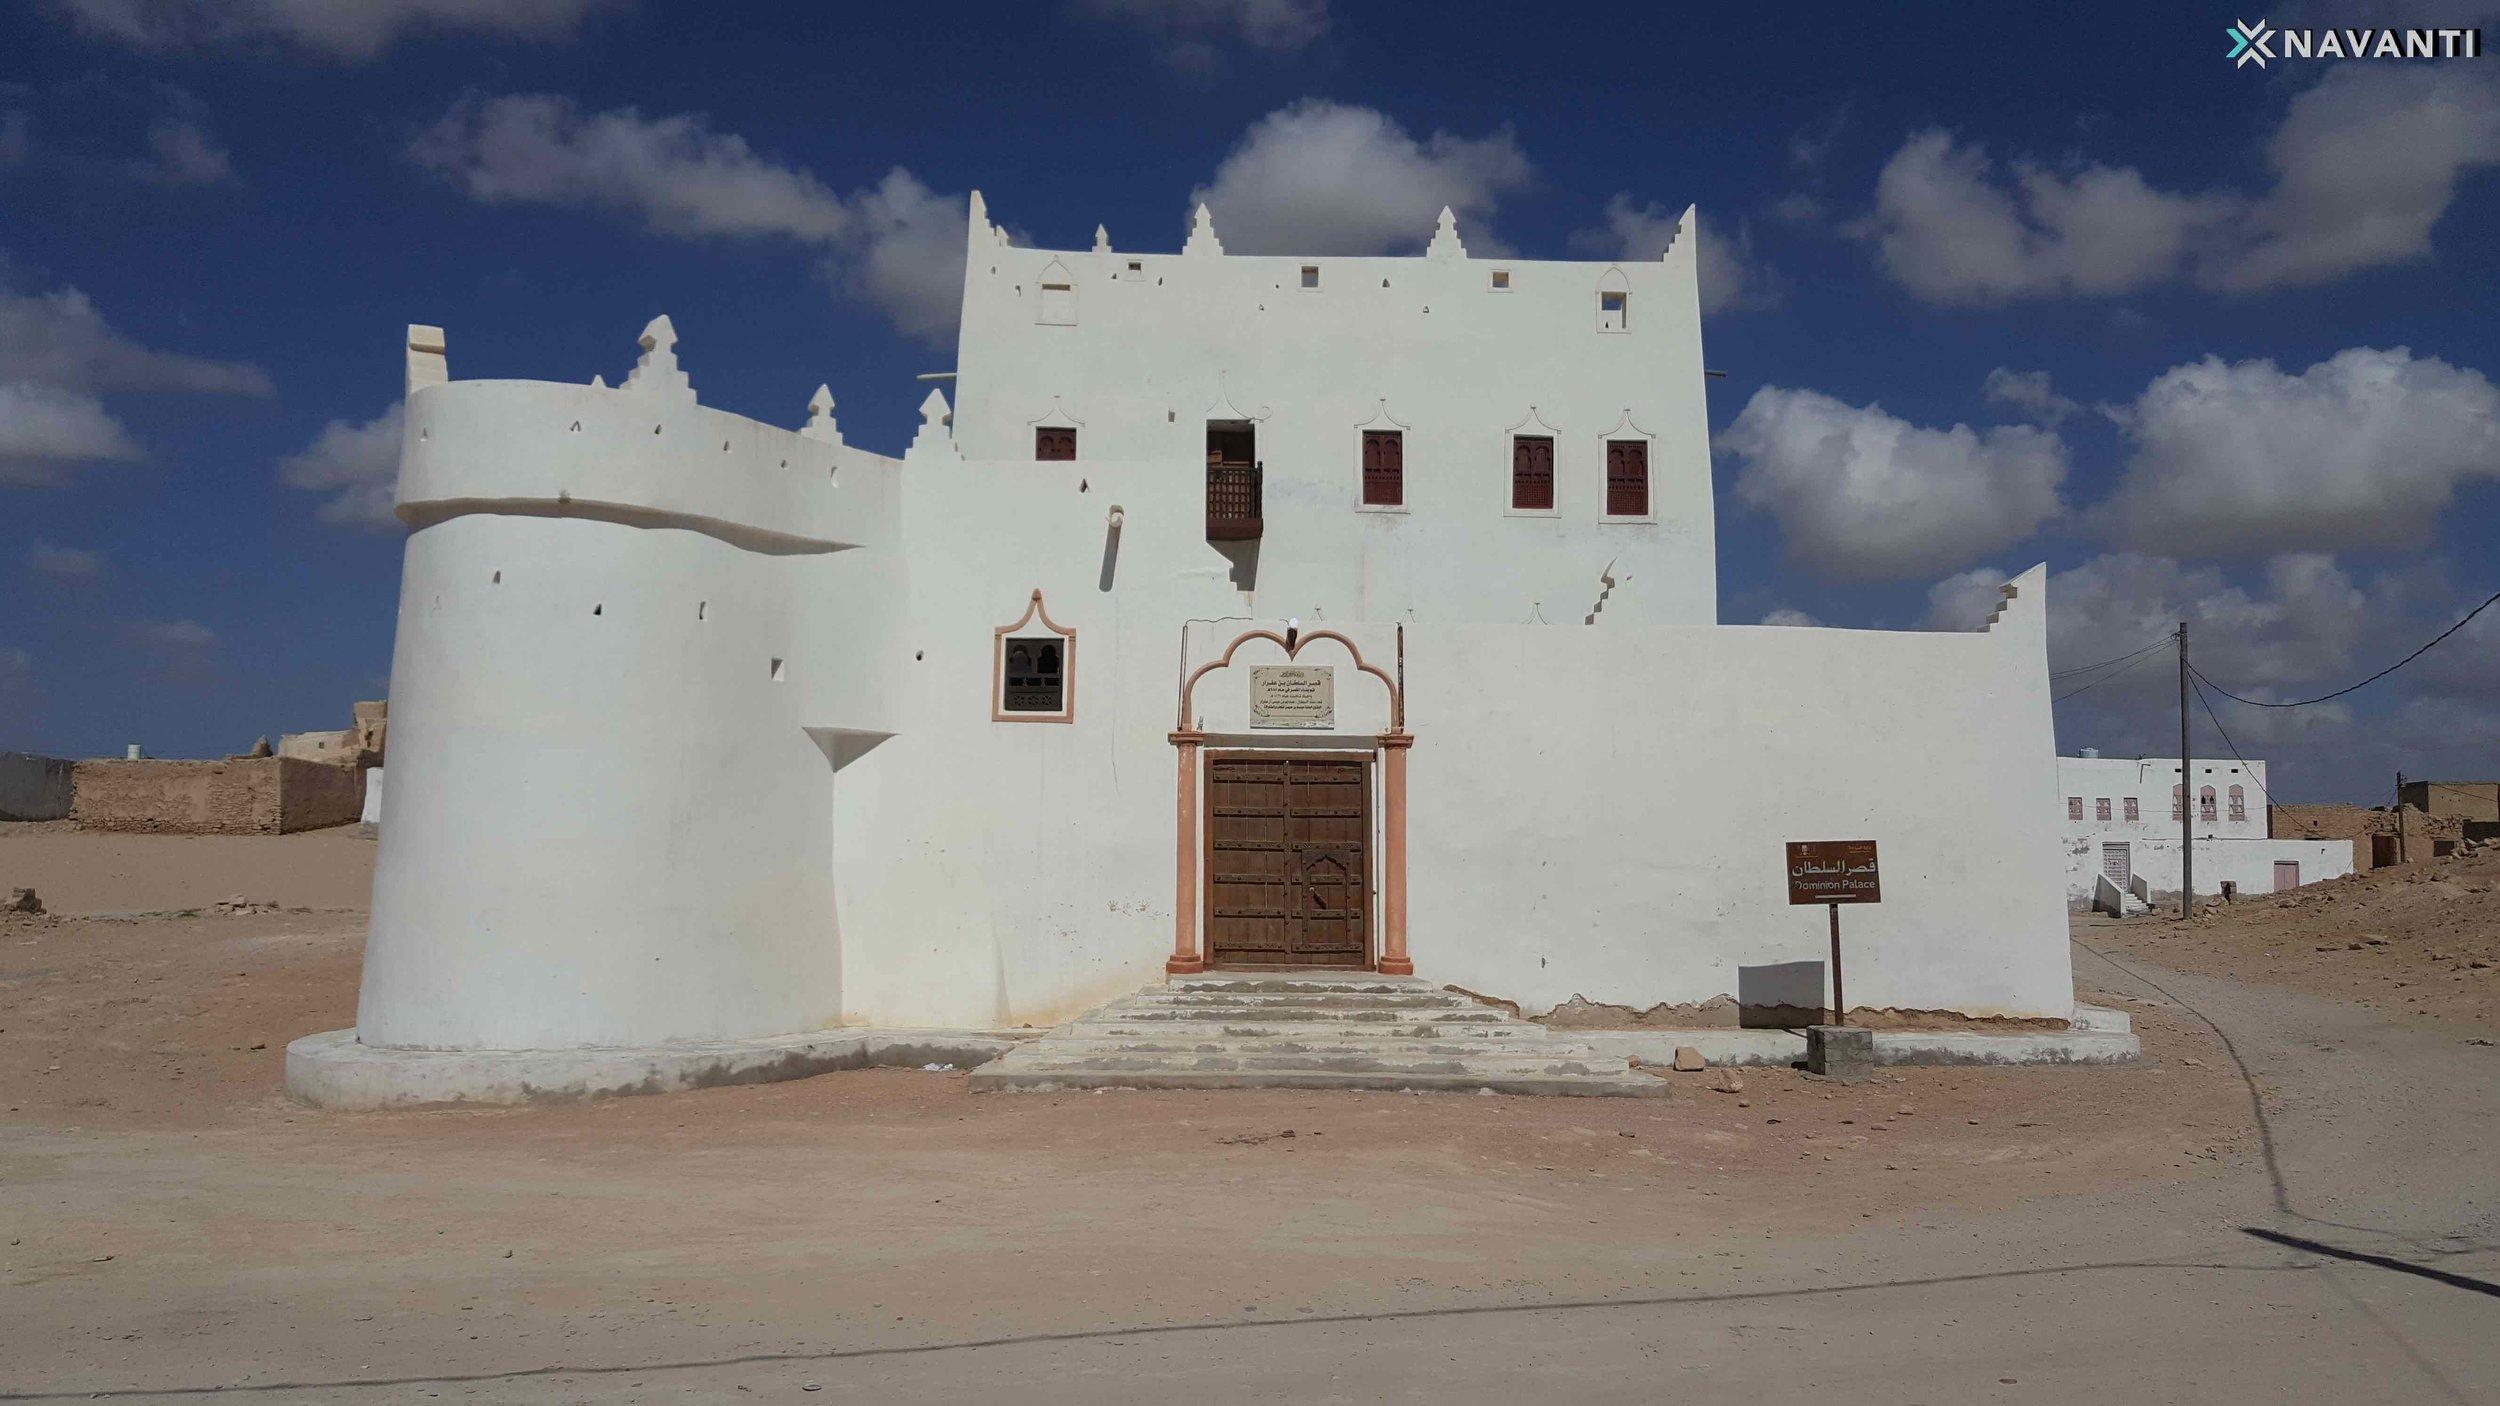 Palace of Sultan Bin Afrar, built in 1277 and renovated in 2019, Qishn, al-Mahra. Source: Navanti